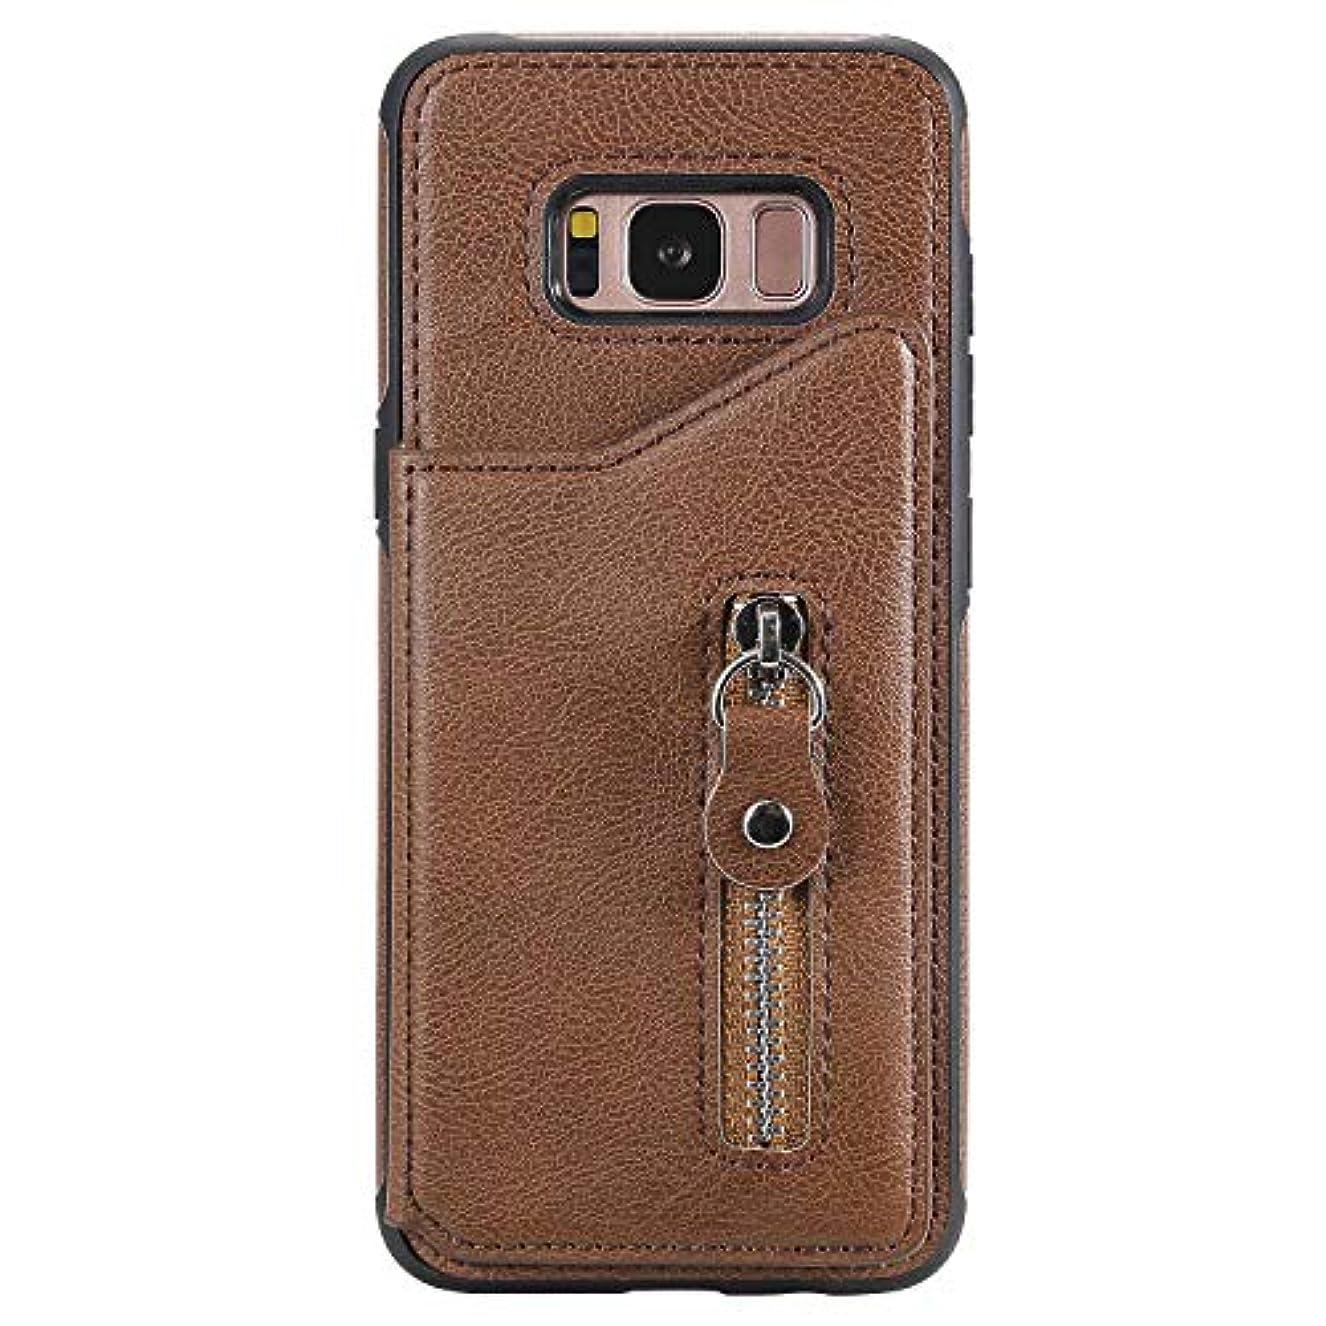 モルヒネかご宿OMATENTI Galaxy S8 ケース, PUレザー 薄型 簡約風 人気 新品 バックケース Galaxy S8 用 Case Cover, 財布とコインポケット付き, 液晶保護 カード収納, 褐色